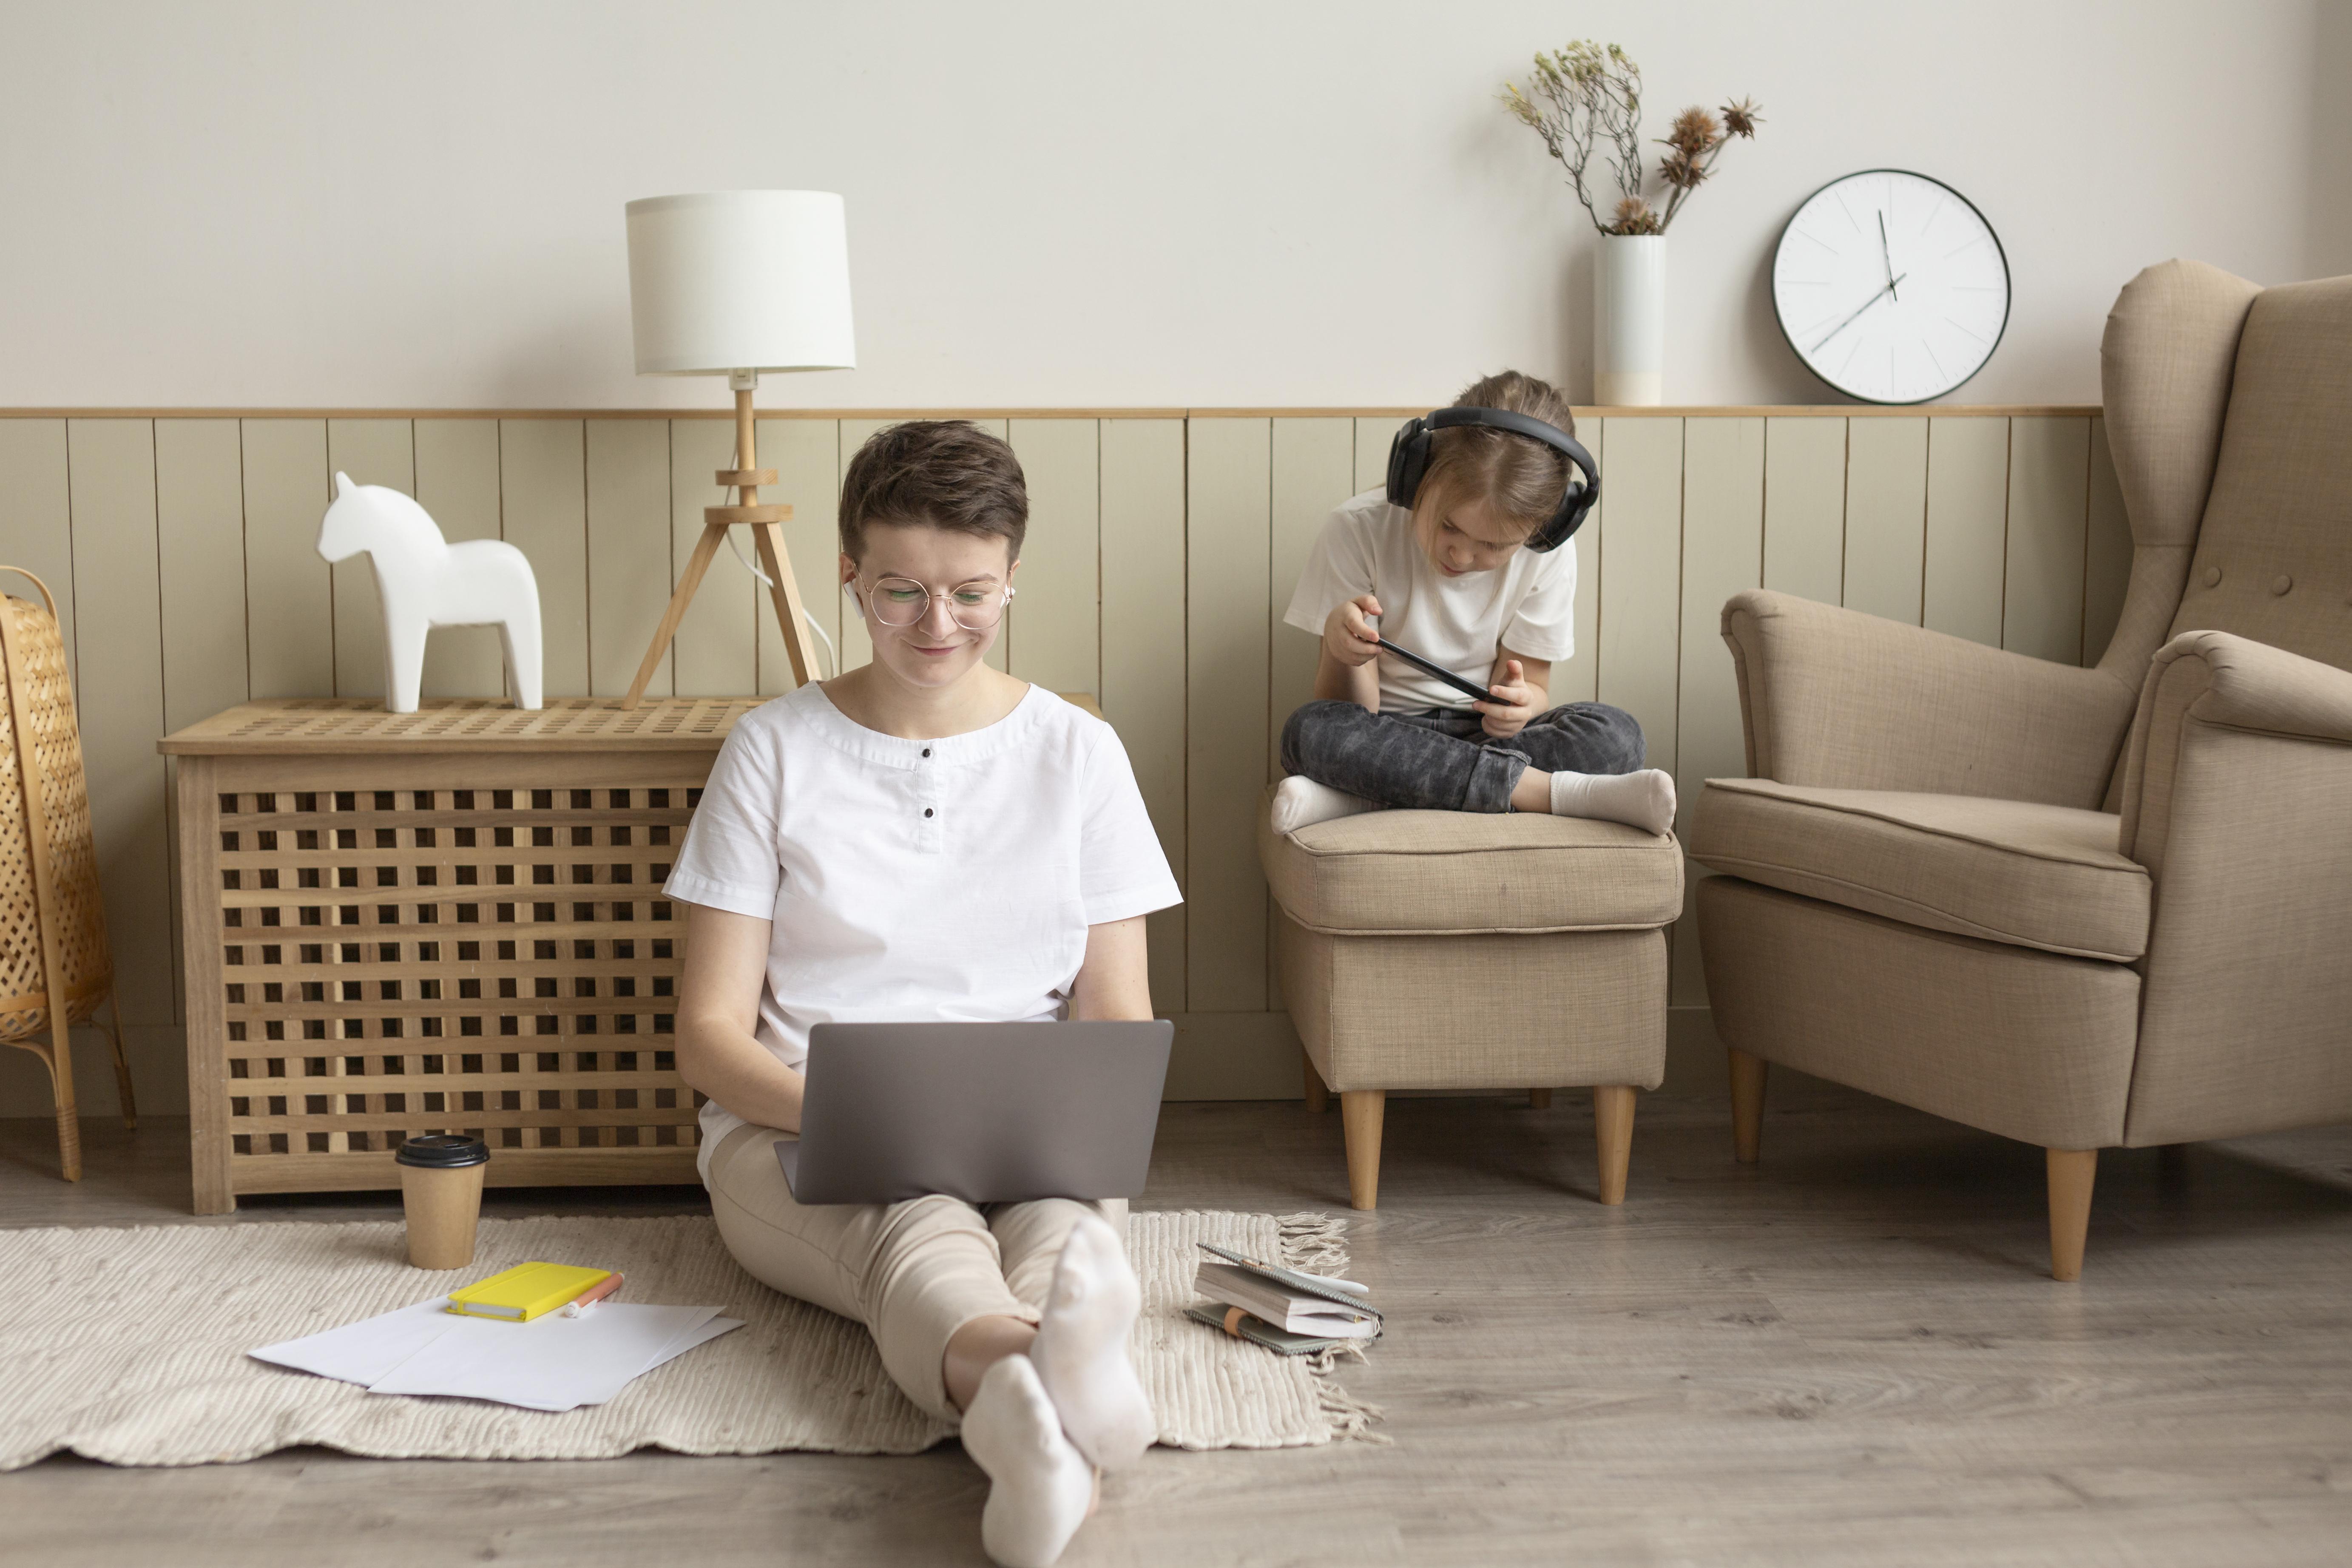 Kaip padėti vaikui, kurio brendimo procesas yra lėtesnis negu bendraamžių?